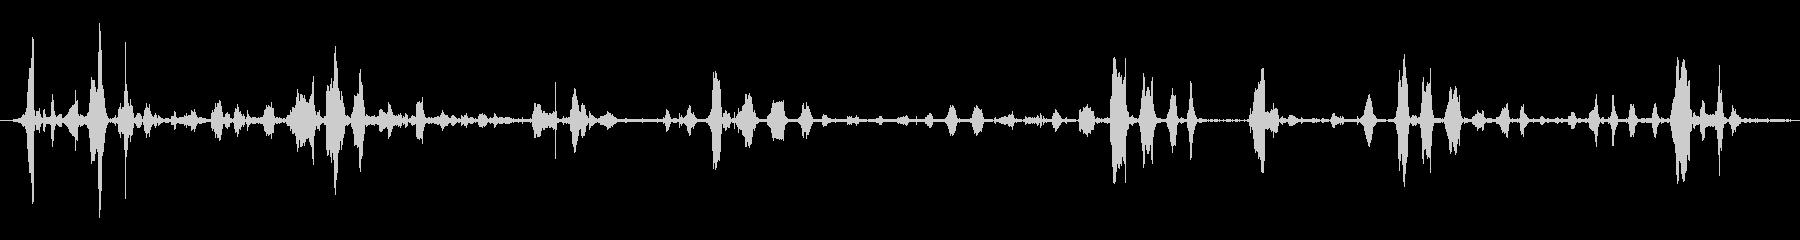 高音のヒゲと喘ぎの未再生の波形